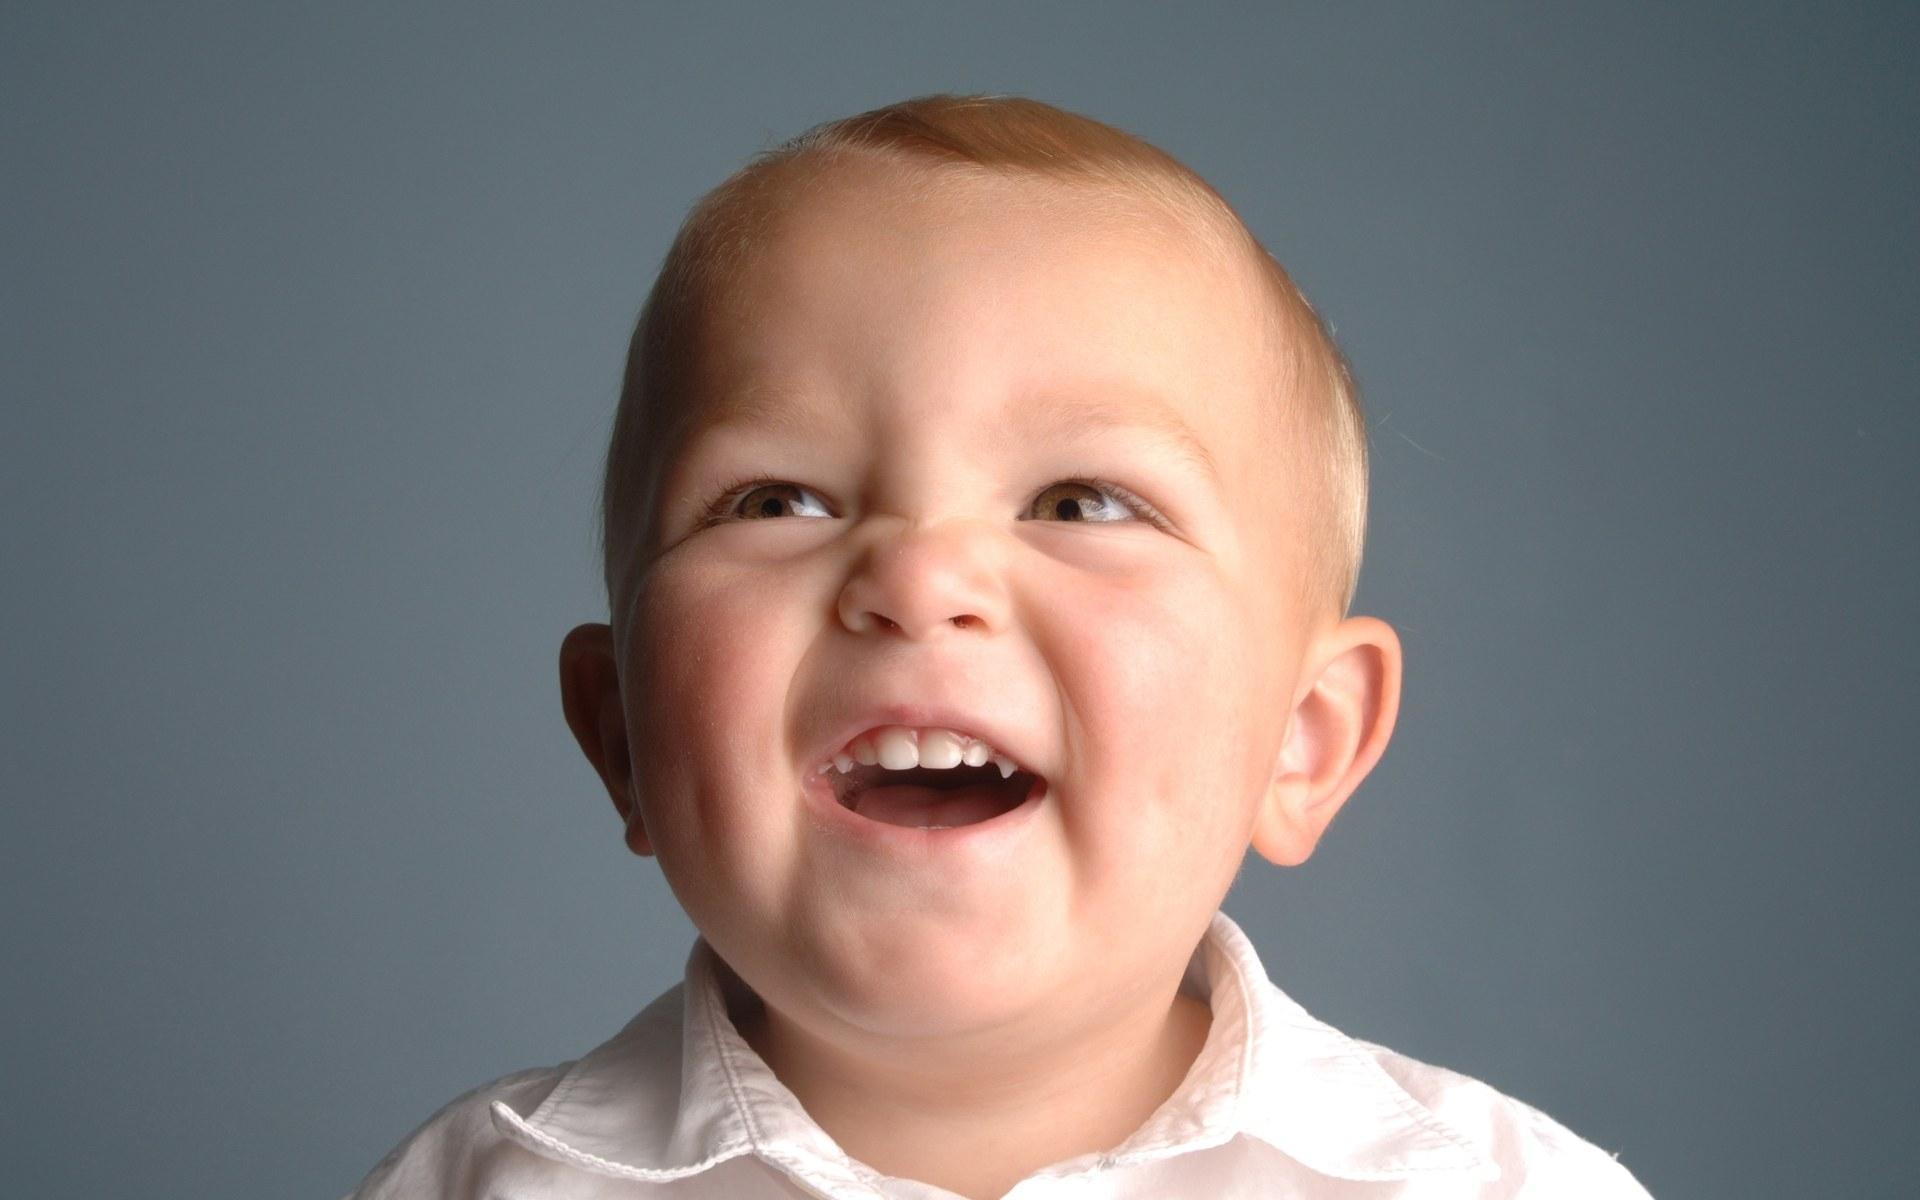 популярная фото смешных улыбок людей сшить для фэмили